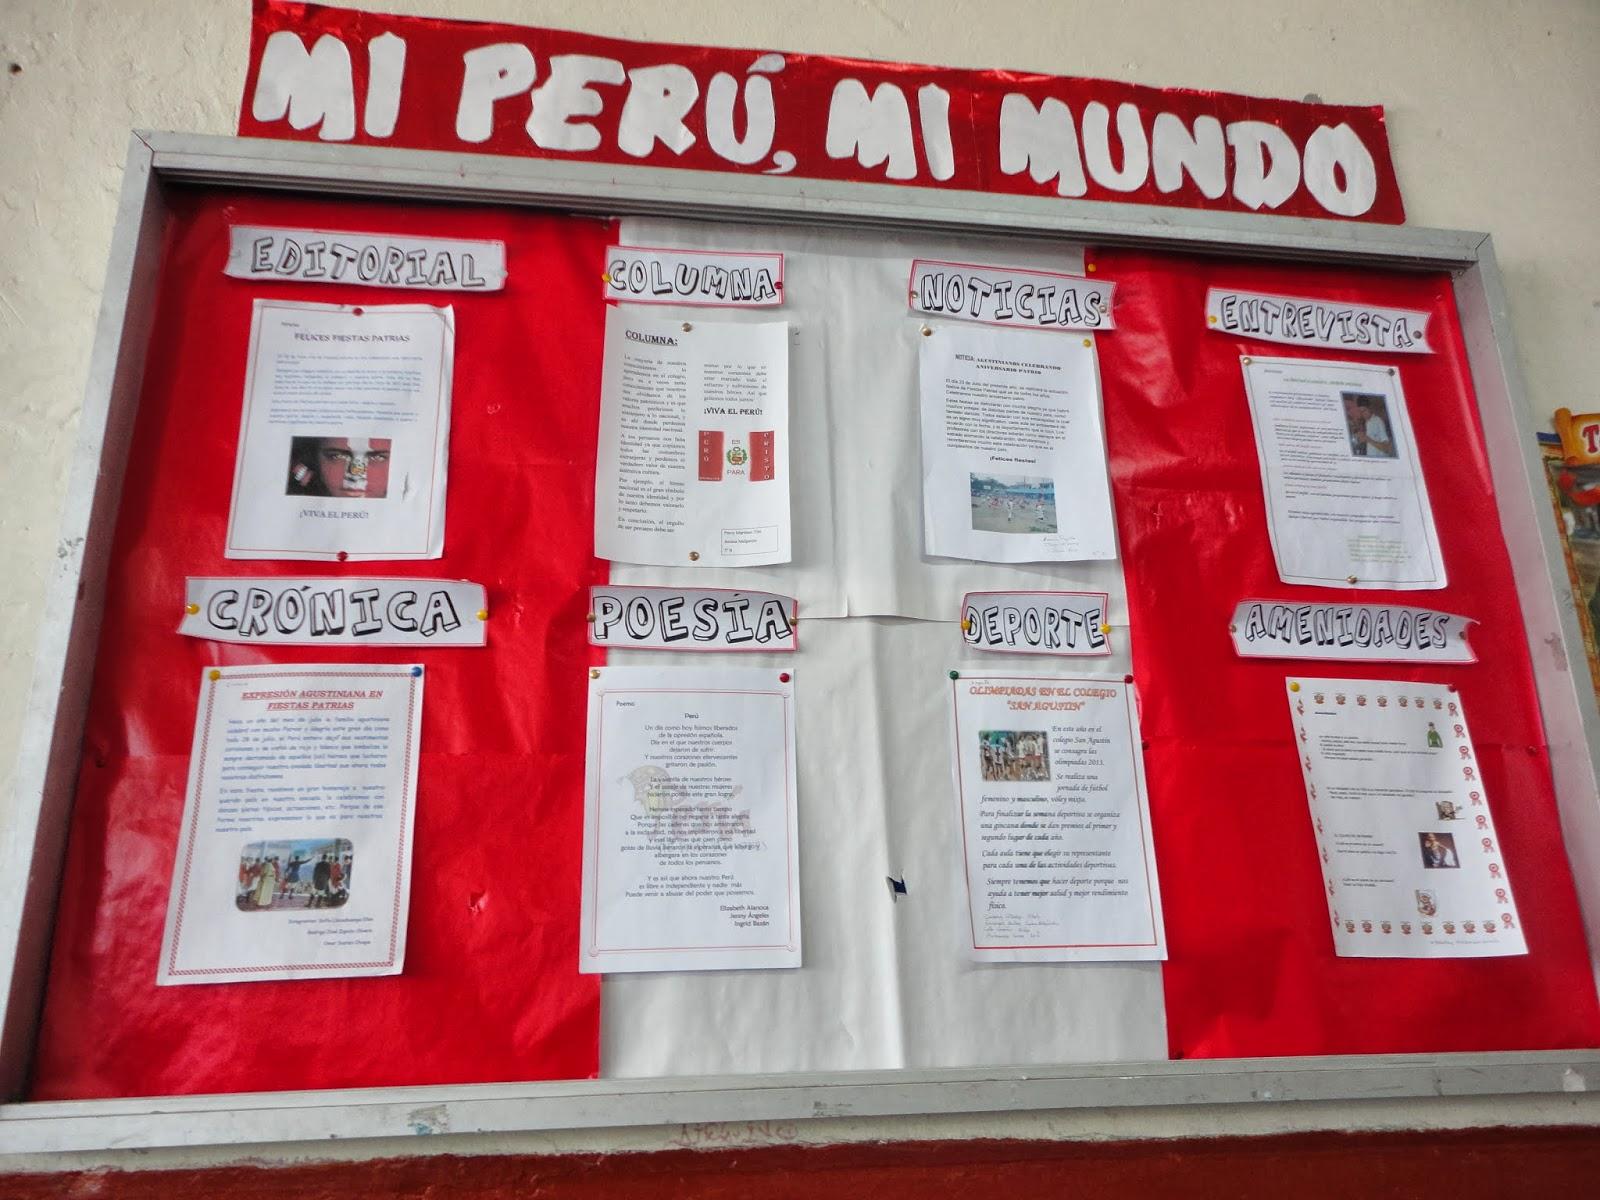 Nuestros peri dicos murales y paneles fiestas patrias for Diario mural fiestas patrias chile